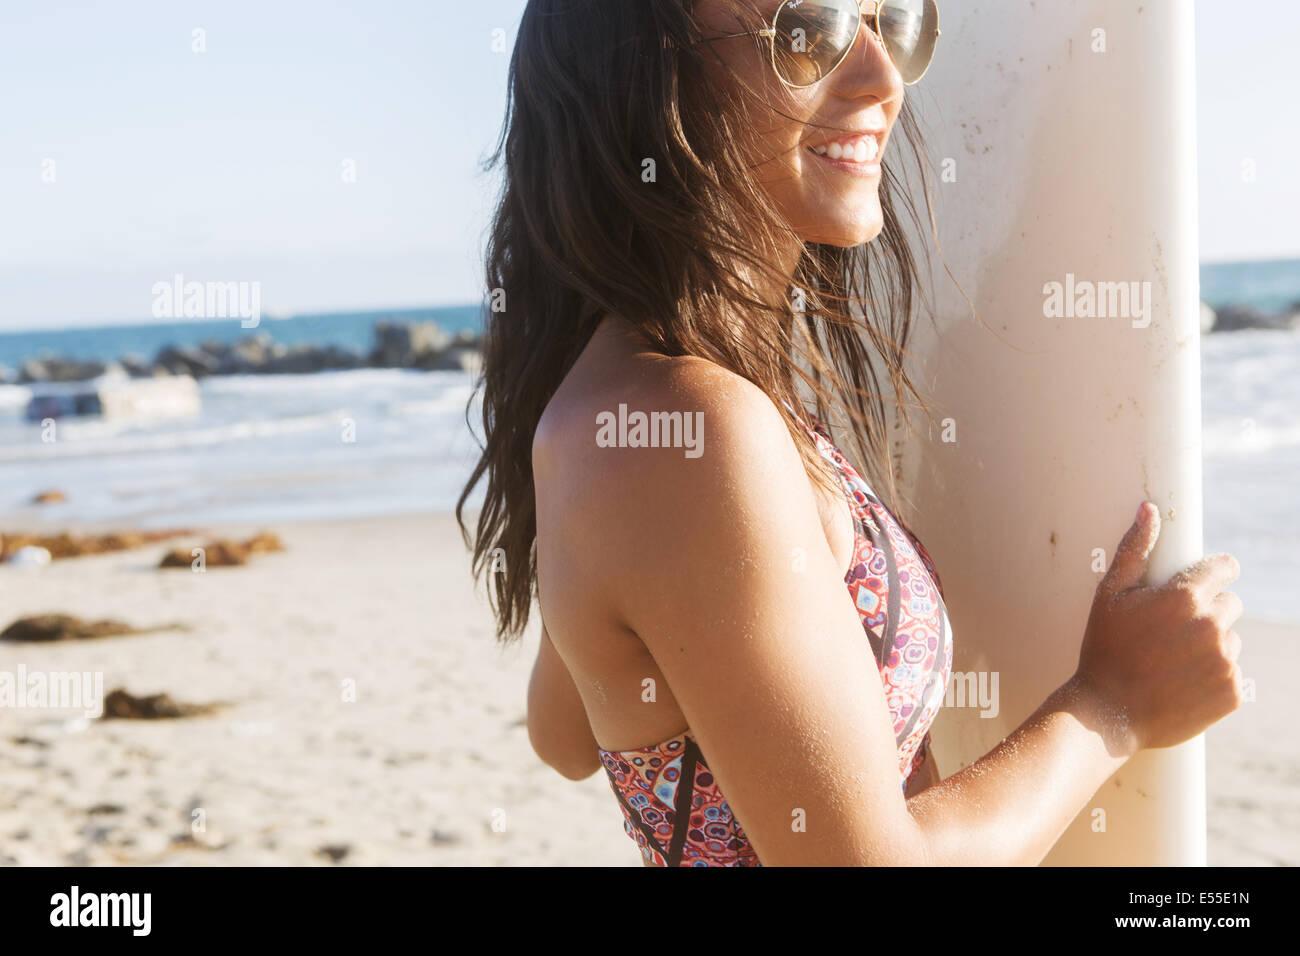 Mujer joven surfista con gafas de sol sonriente mientras mantiene las tablas de surf en la playa. Imagen De Stock